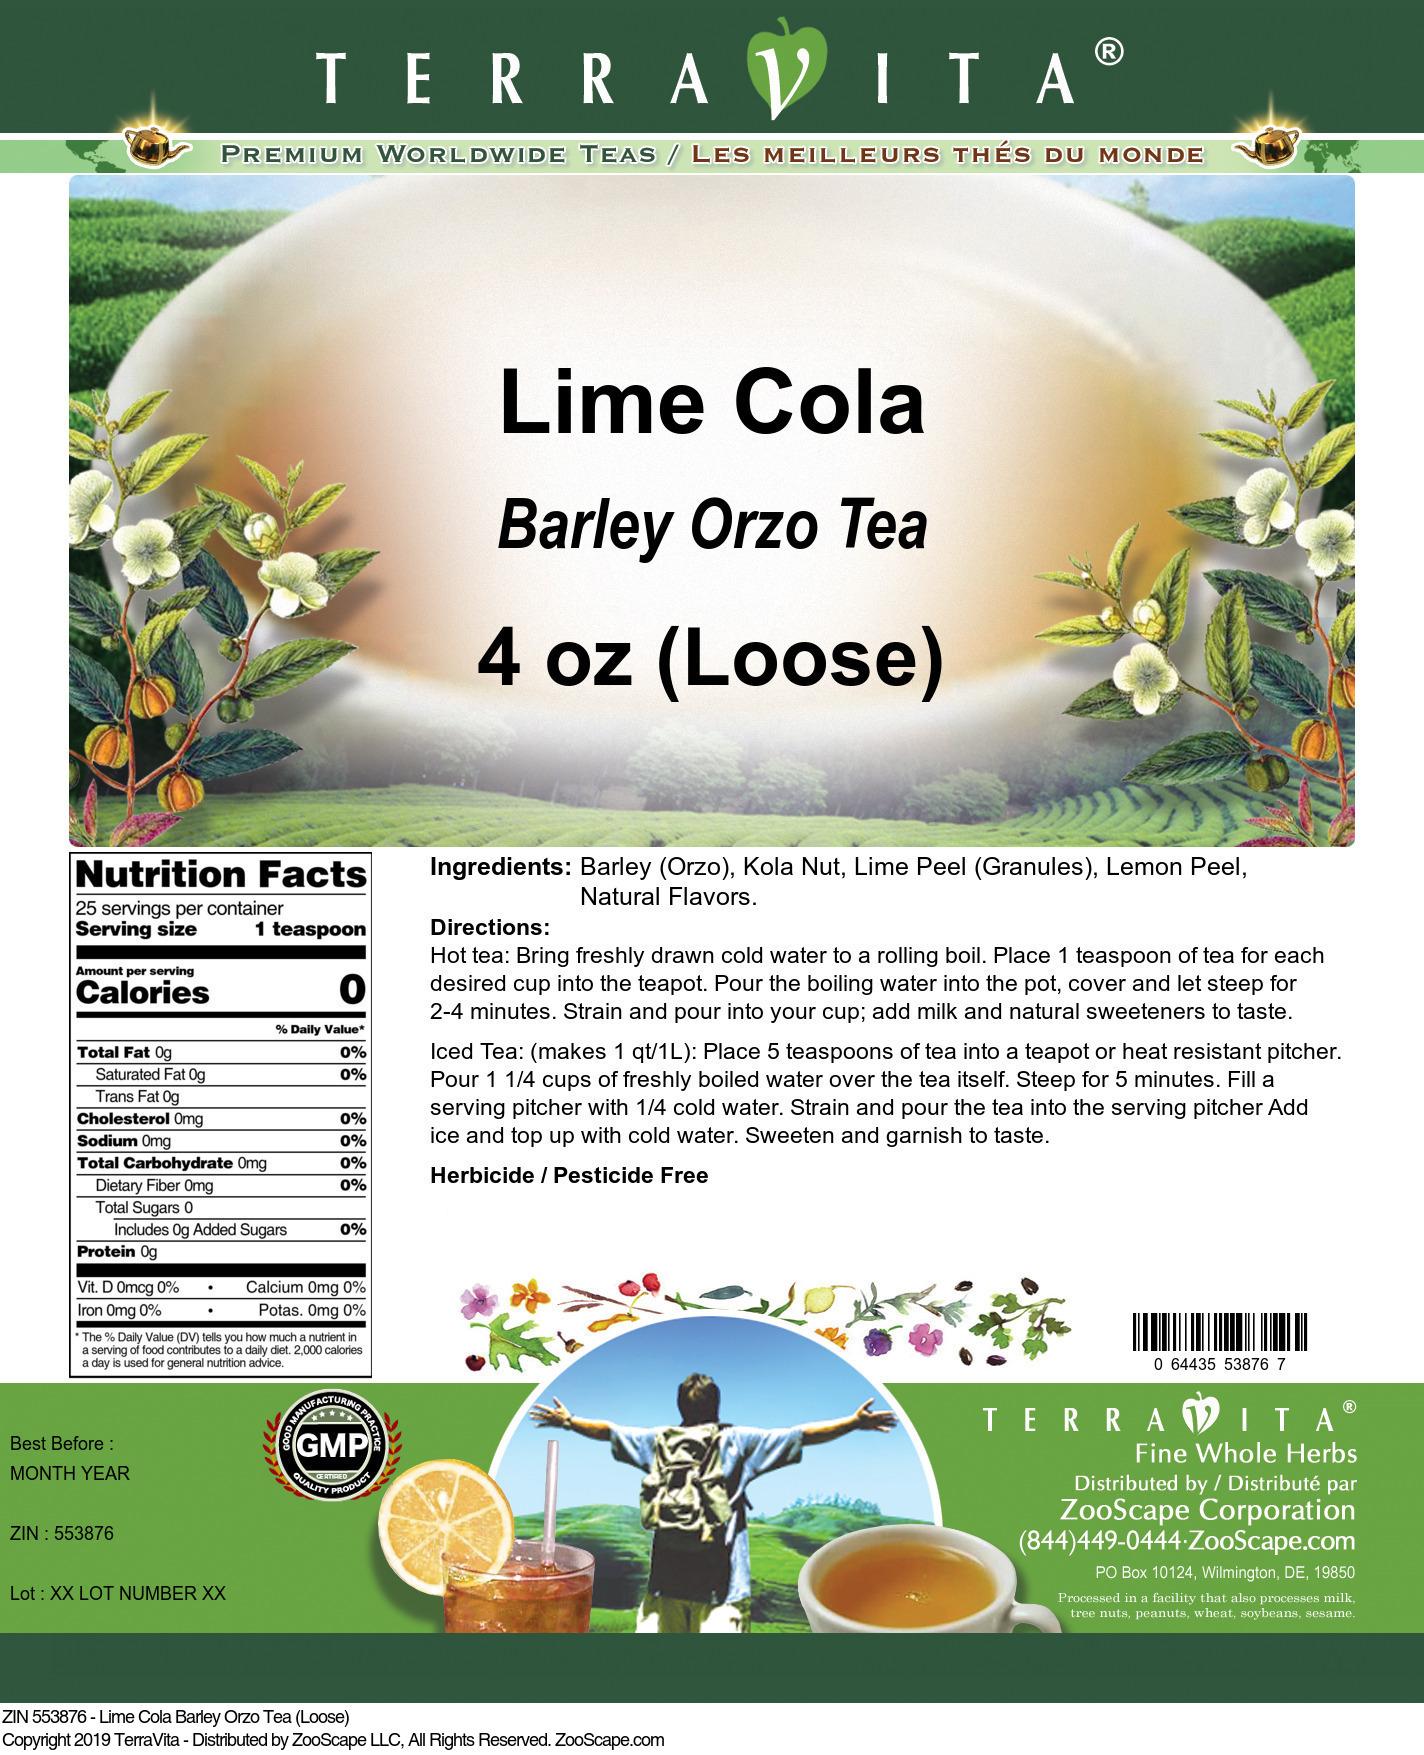 Lime Cola Barley Orzo Tea (Loose)